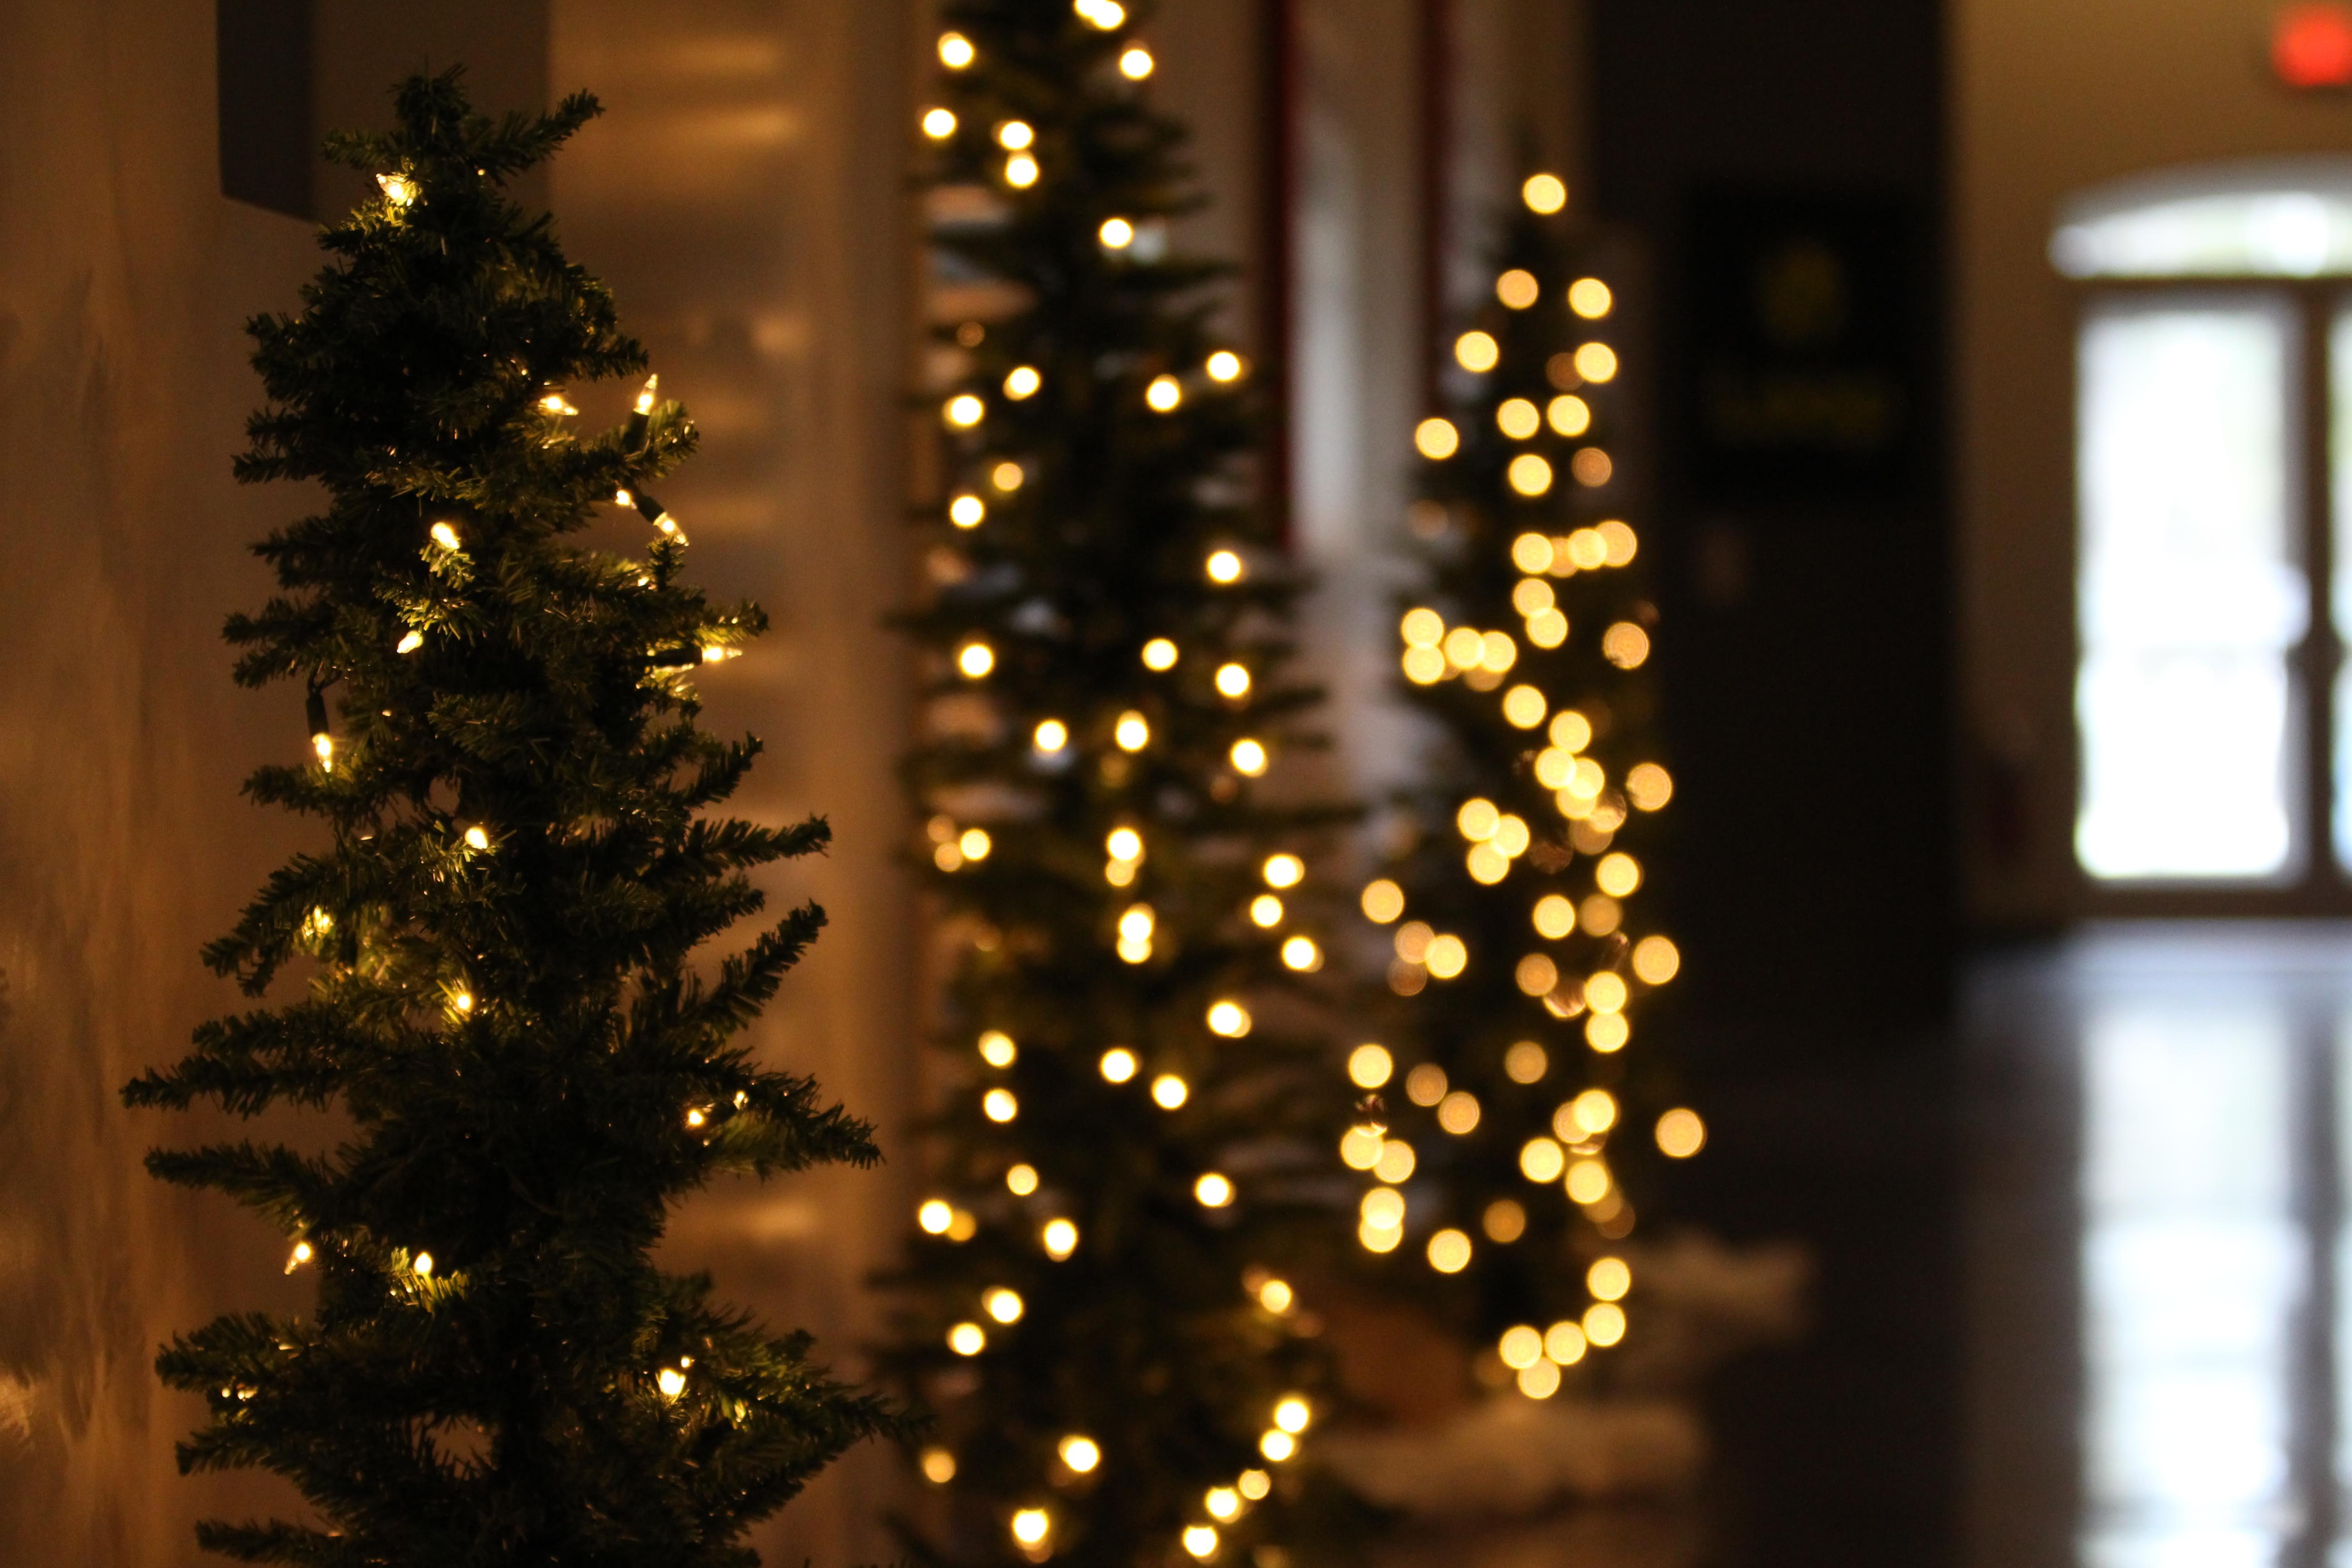 Christmas Tree 5 (JPG)